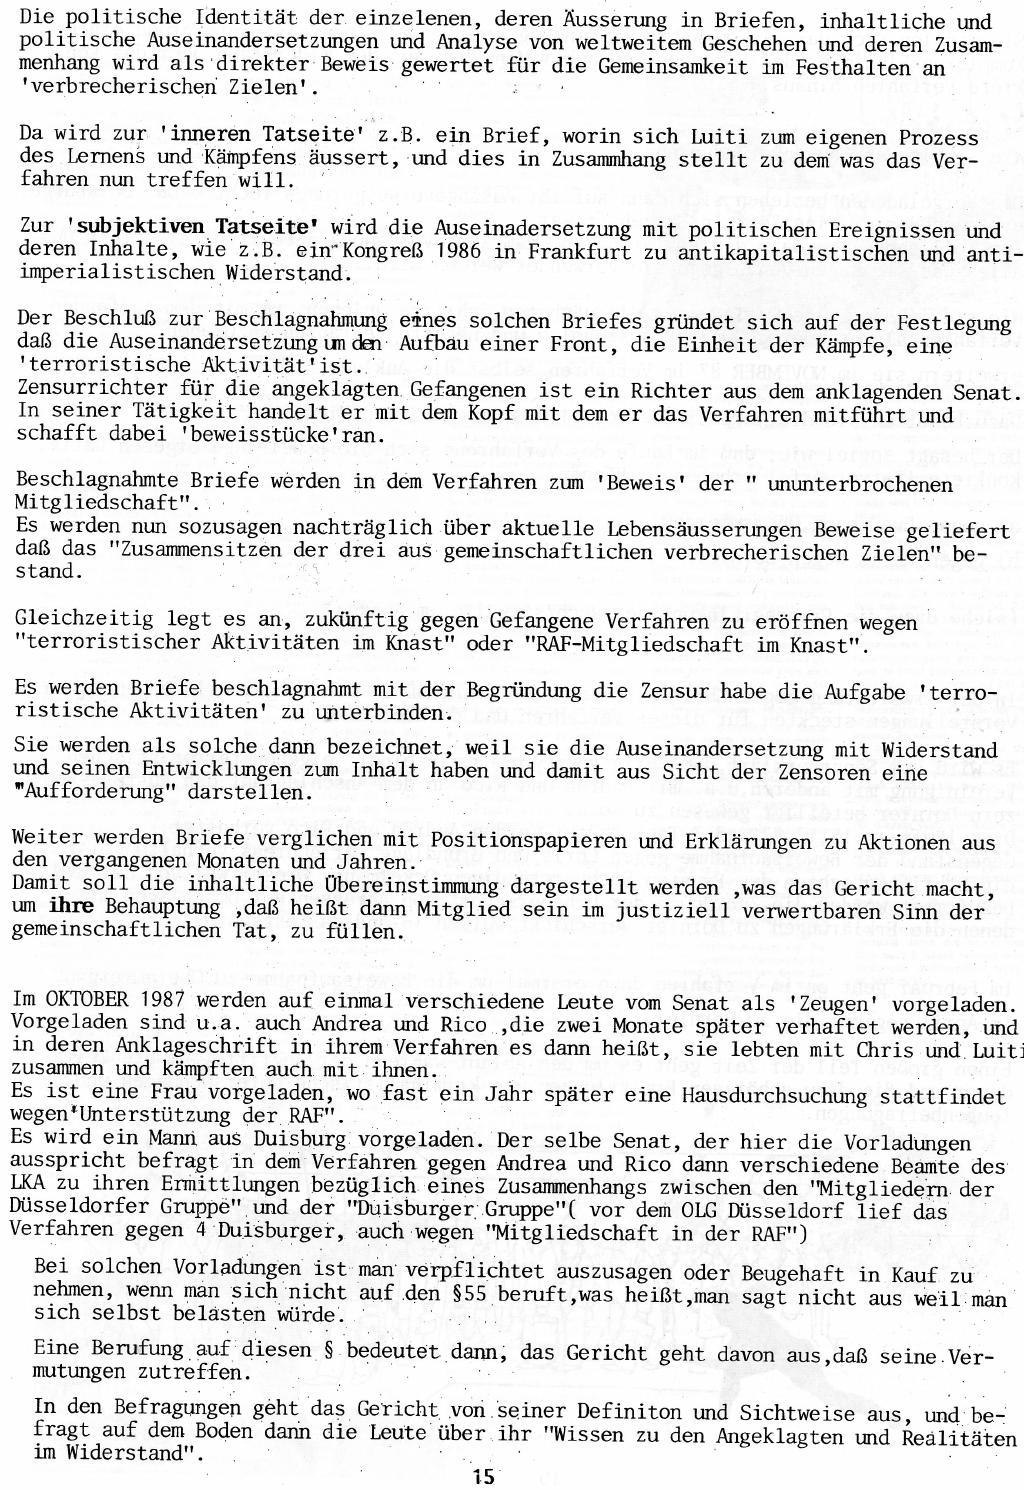 Duesseldorf_1989_Sechs_Politische_Gefangene_015